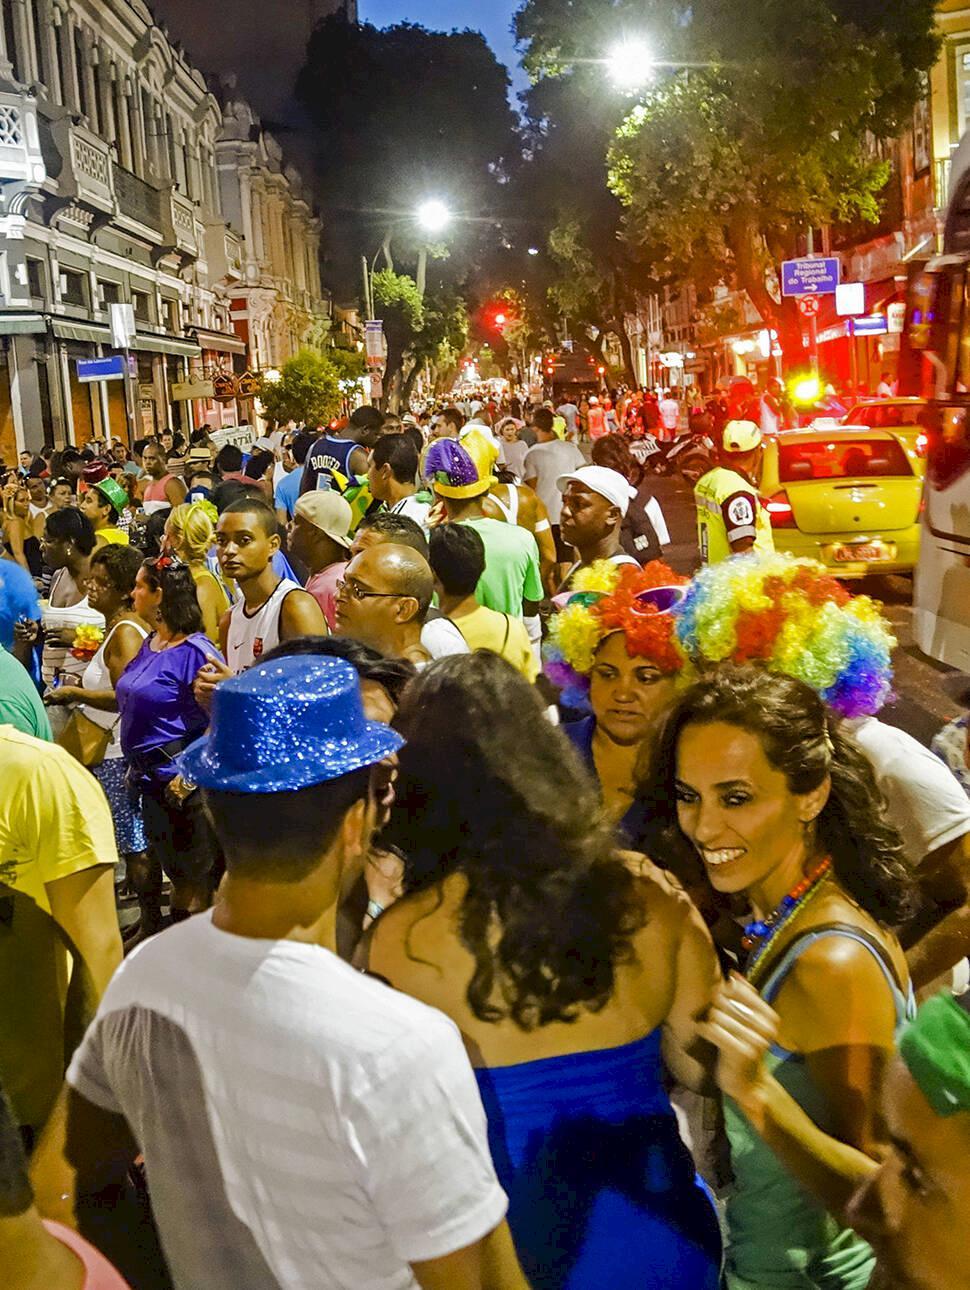 Maxad lista – 19 heta tips till Sydamerika